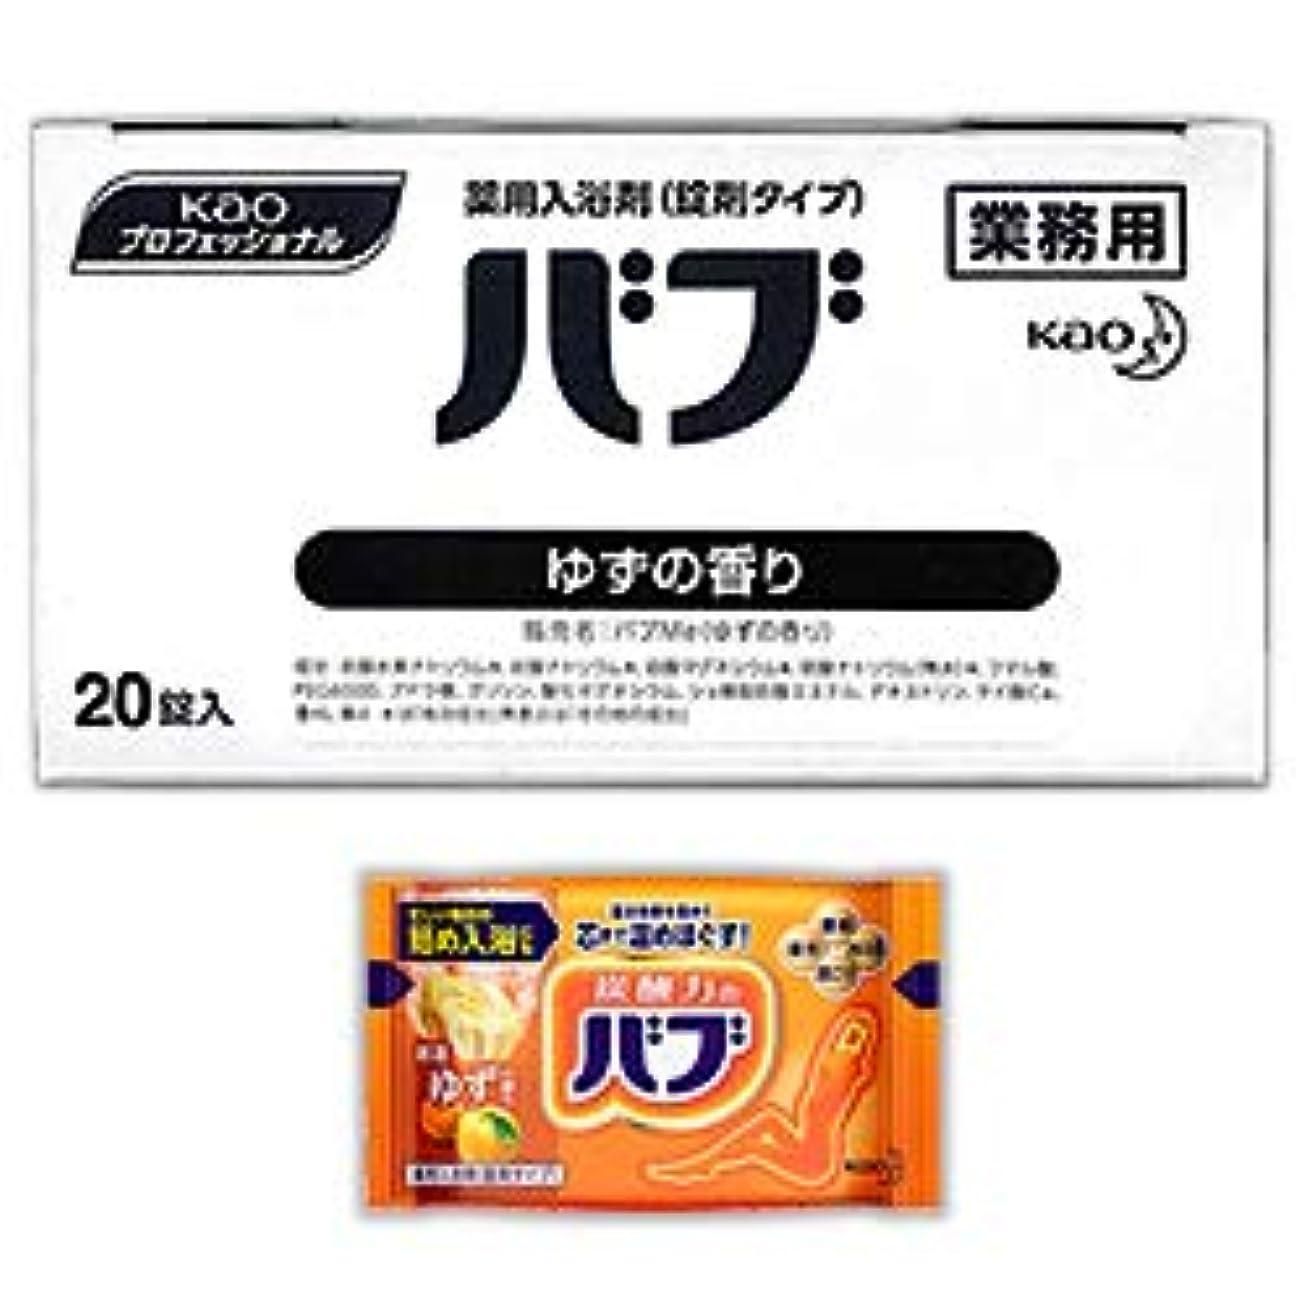 苦行パンフレット強調する【花王】Kaoプロフェッショナル バブ ゆずの香り(業務用) 40g×20錠入 ×3個セット